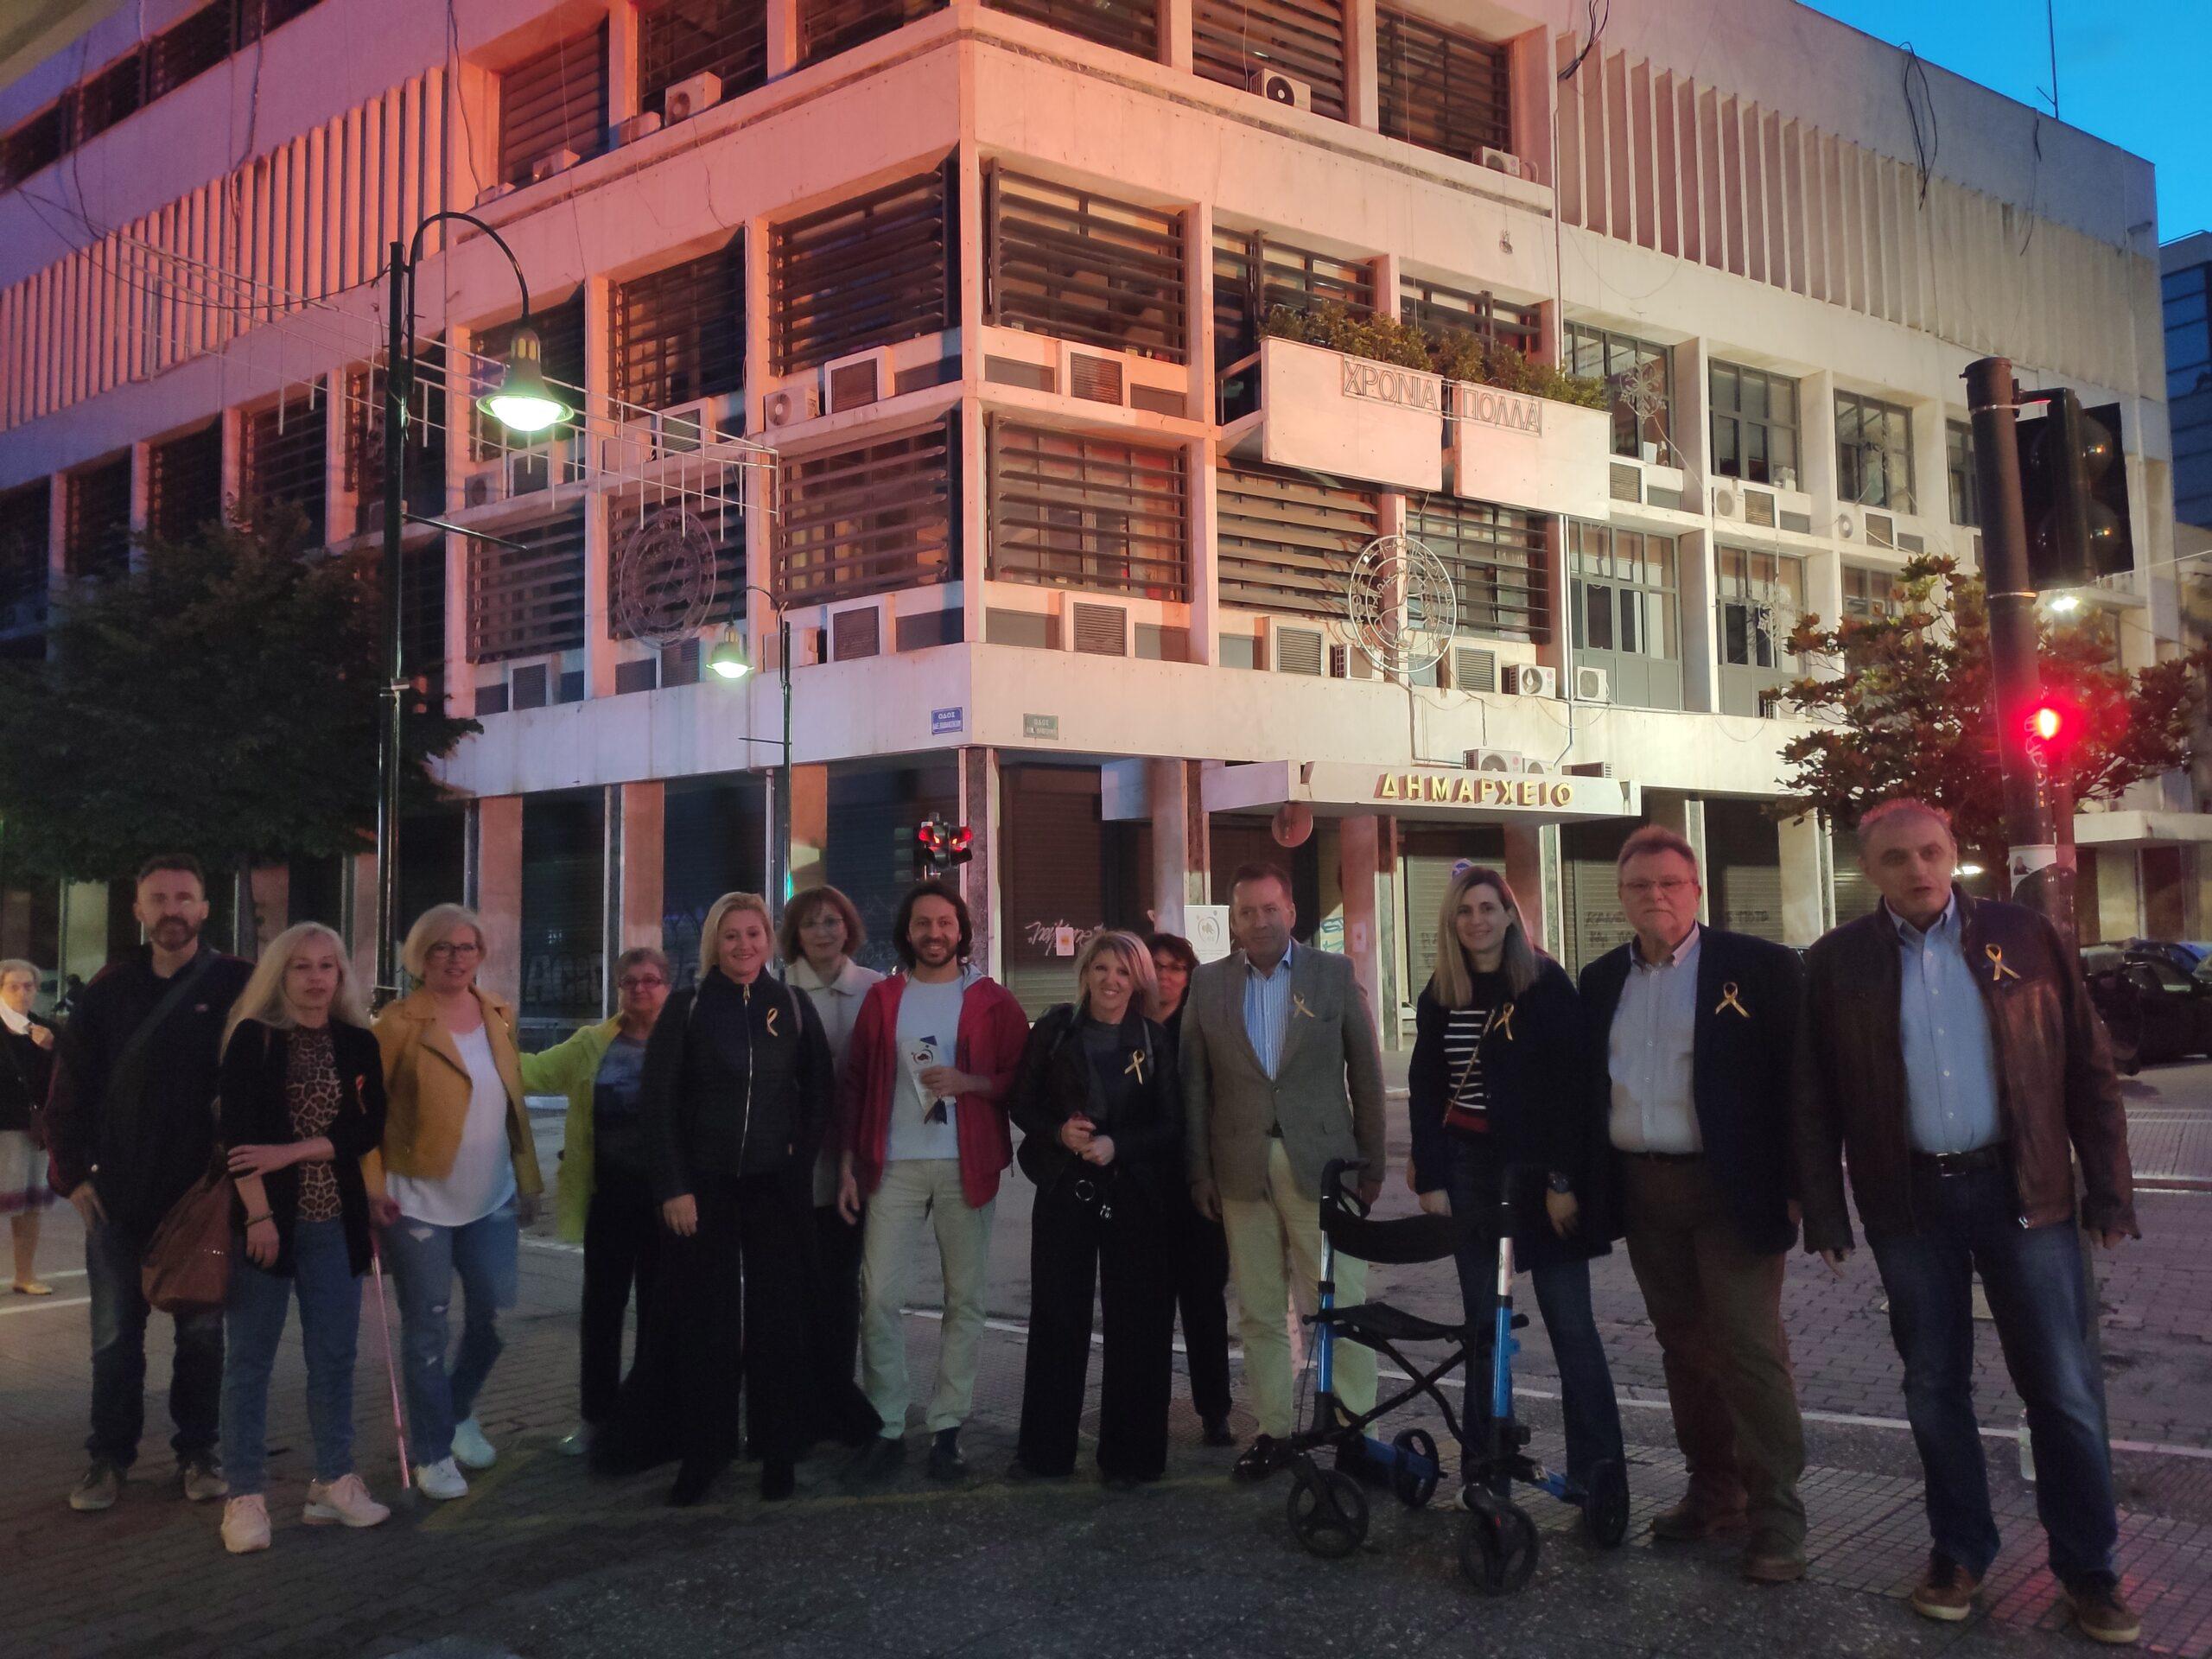 Για την Παγκόσμια Ημέρα Σκλήρυνσης Κατά Πλάκας φωτίστηκε το δημαρχείο στη Λάρισα (φωτο)